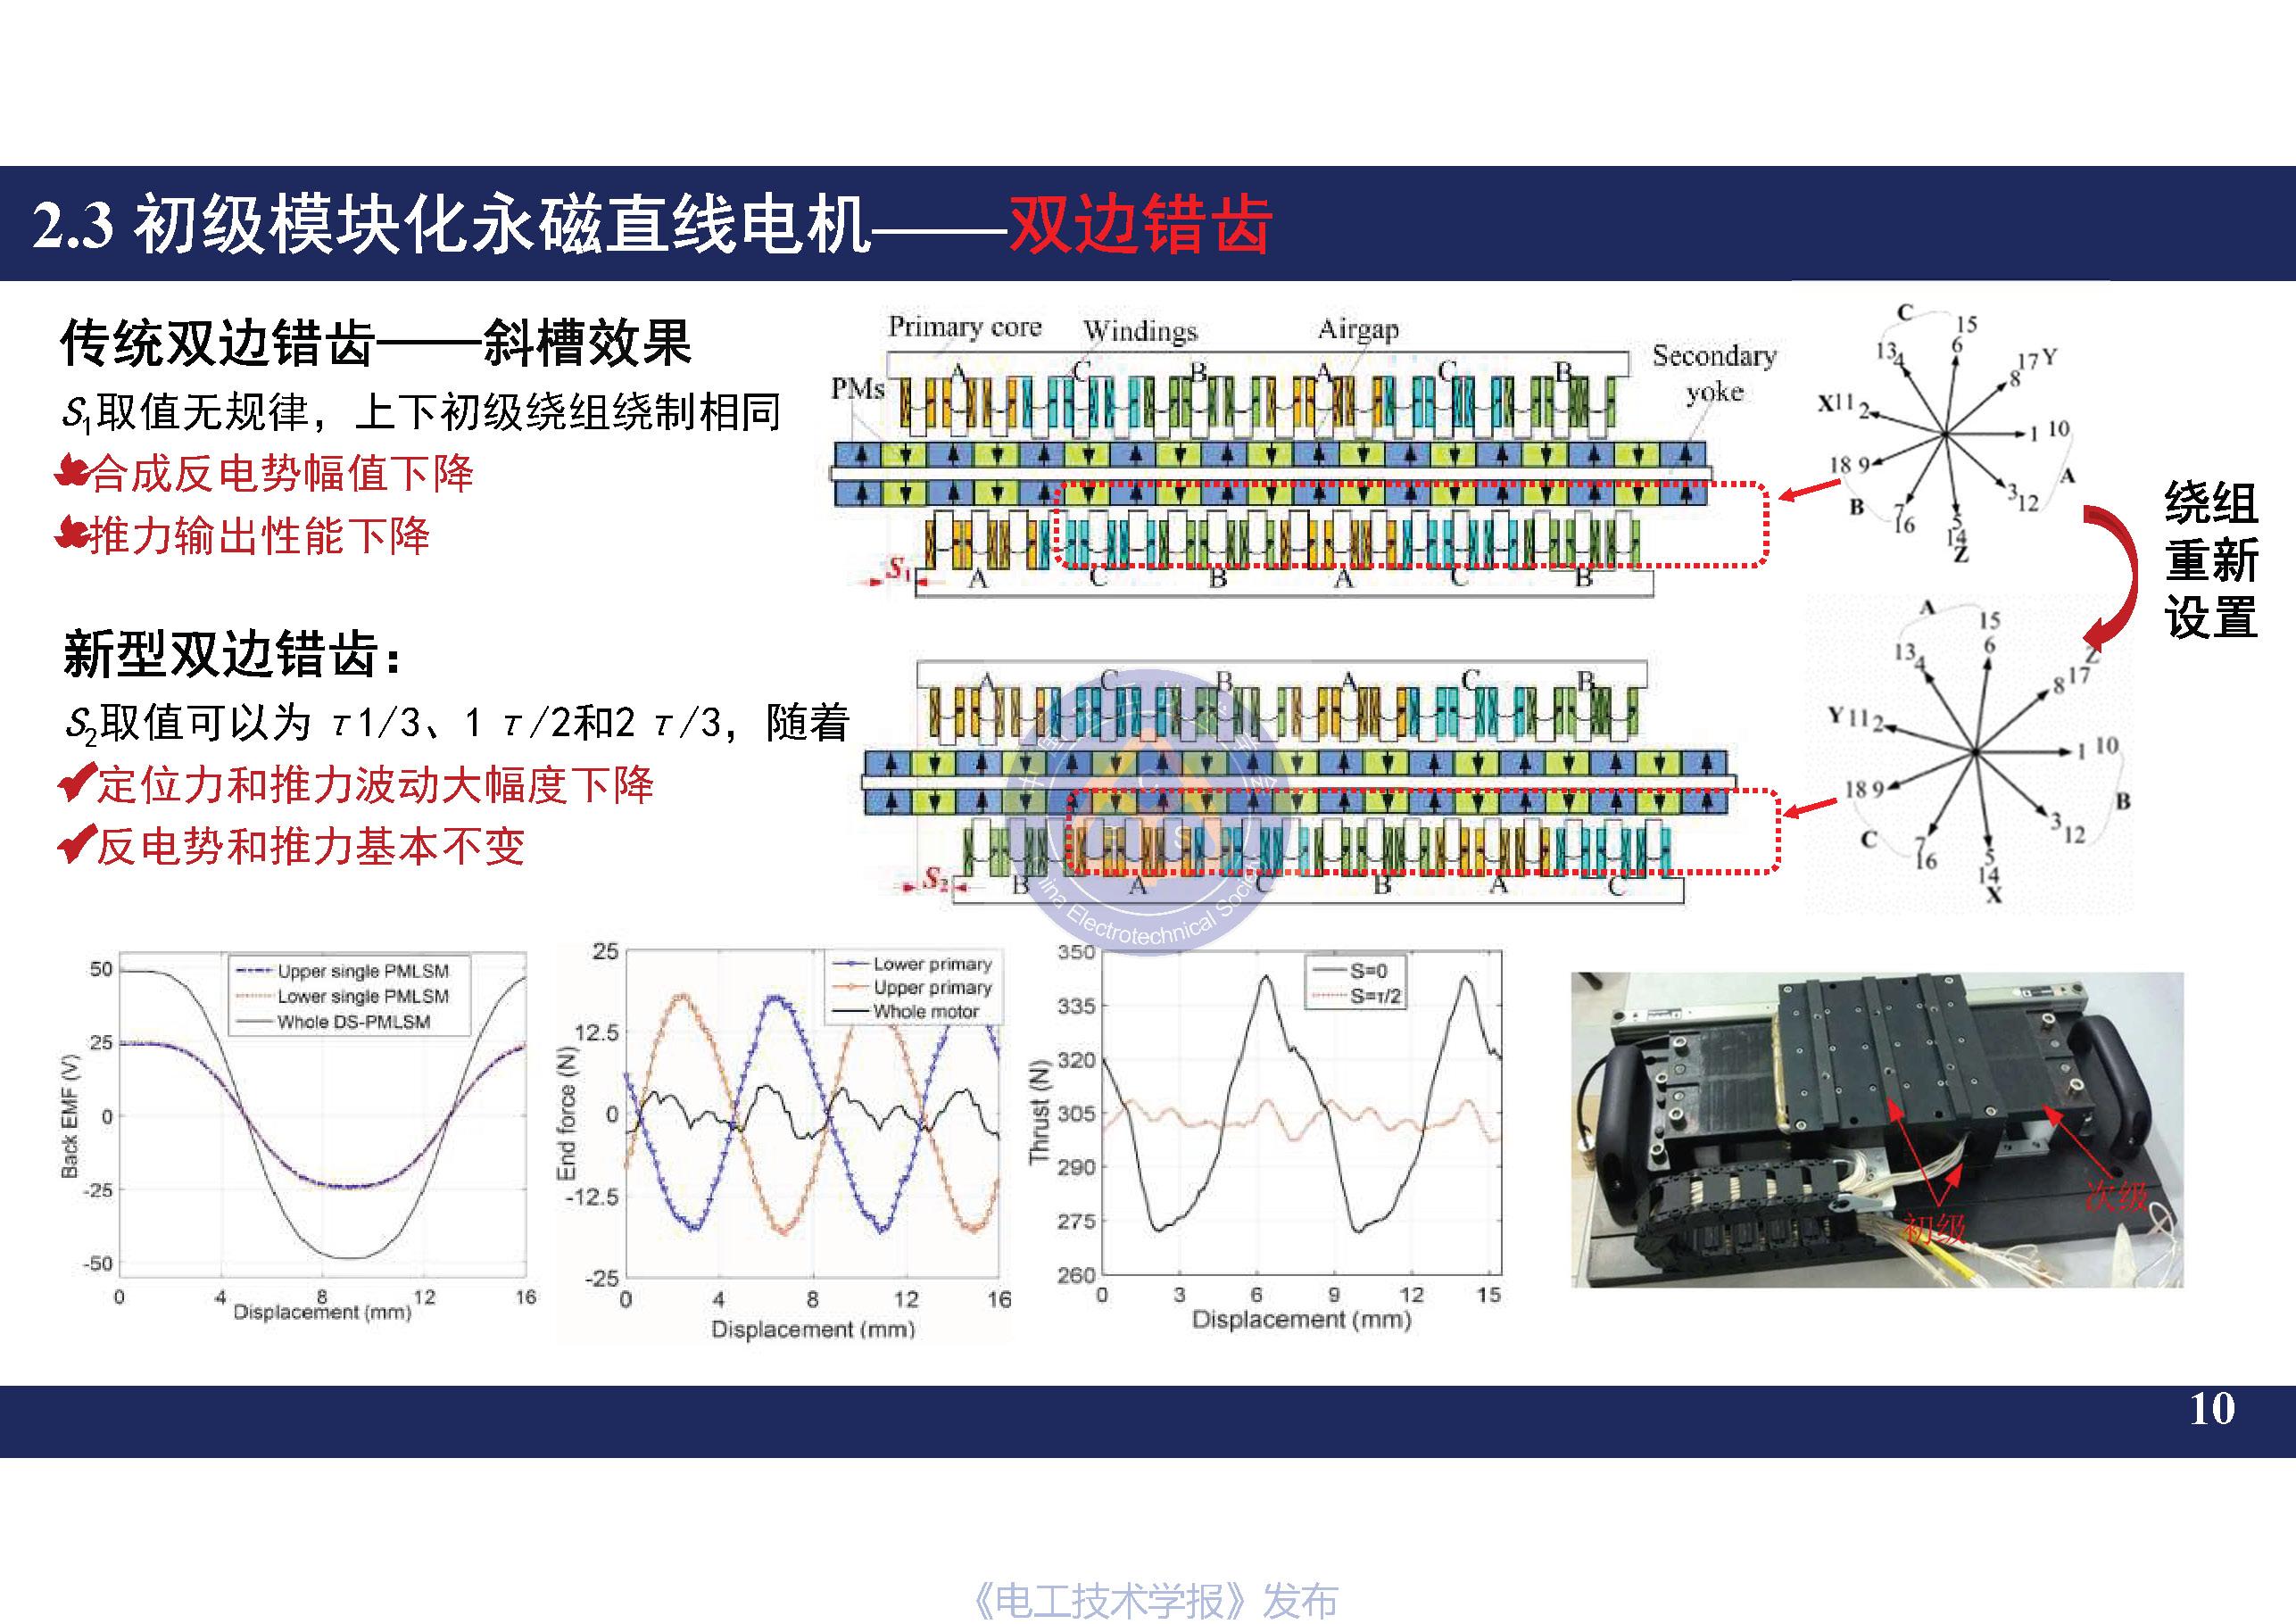 南京航空航天大學黃旭珍教授:柔性永磁直線電機的設計與應用